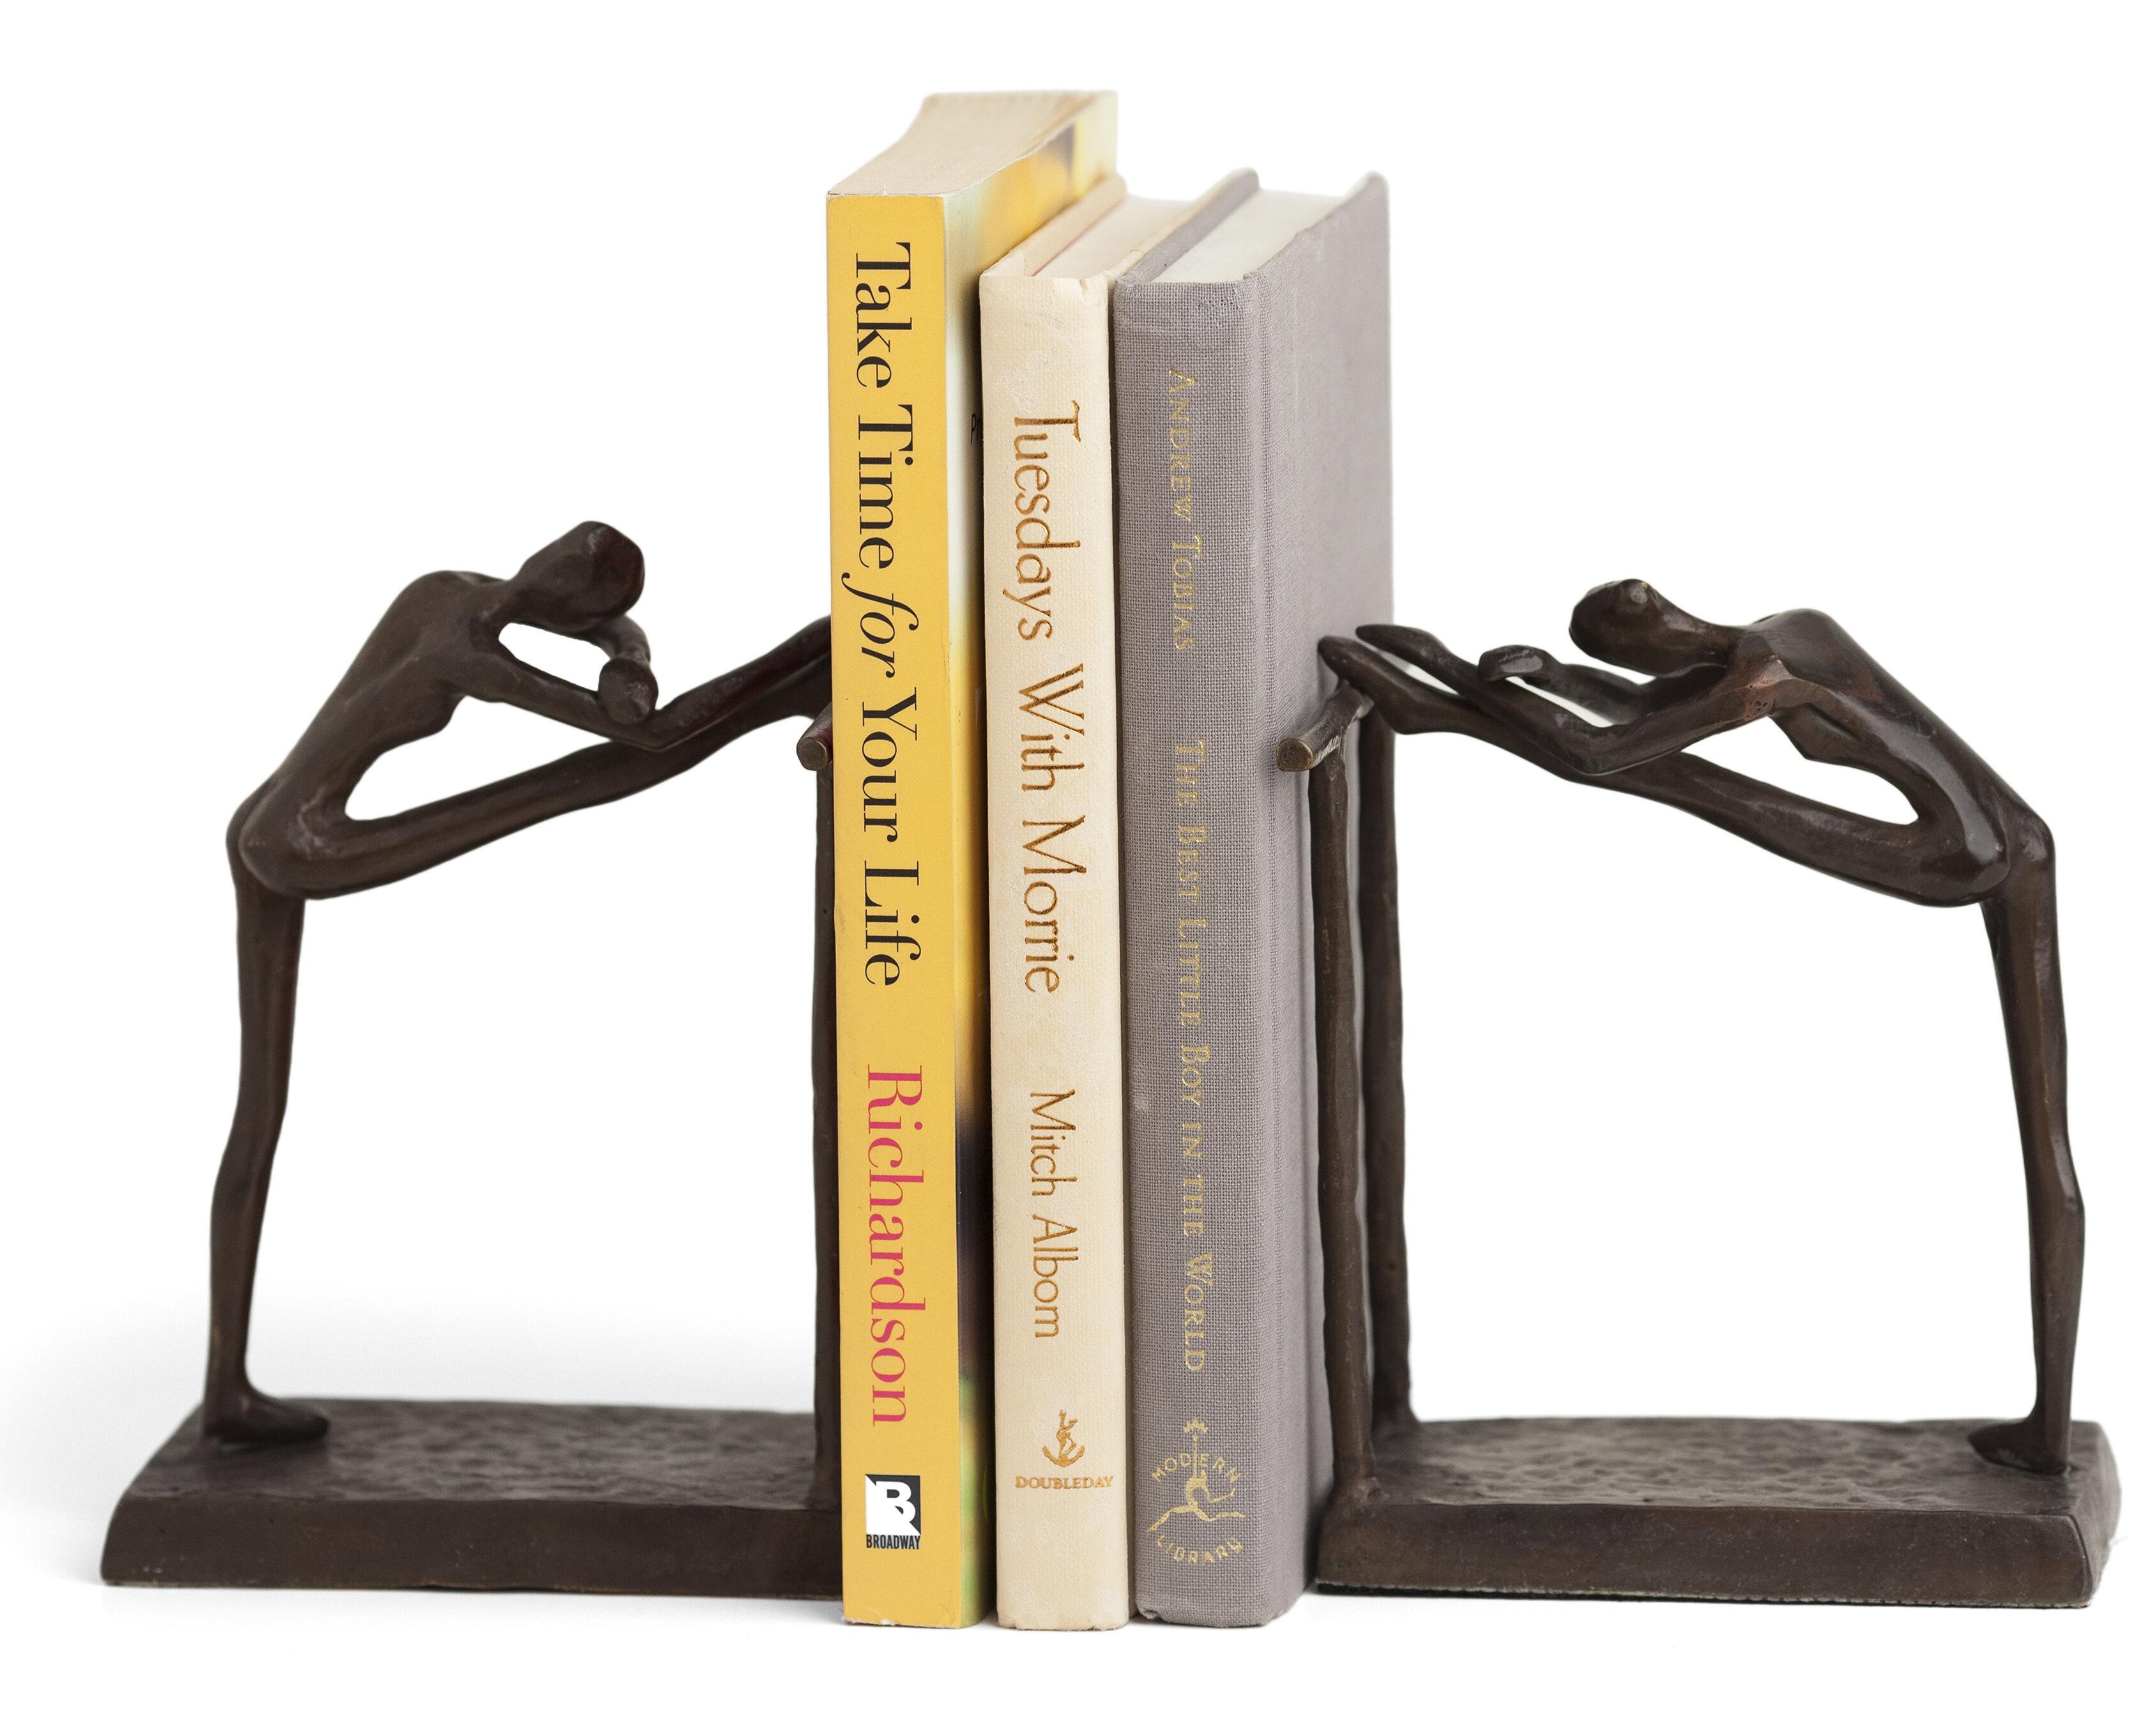 Darby Home Co Dorine Contemporary Stretch Metal Bookend Reviews Wayfair